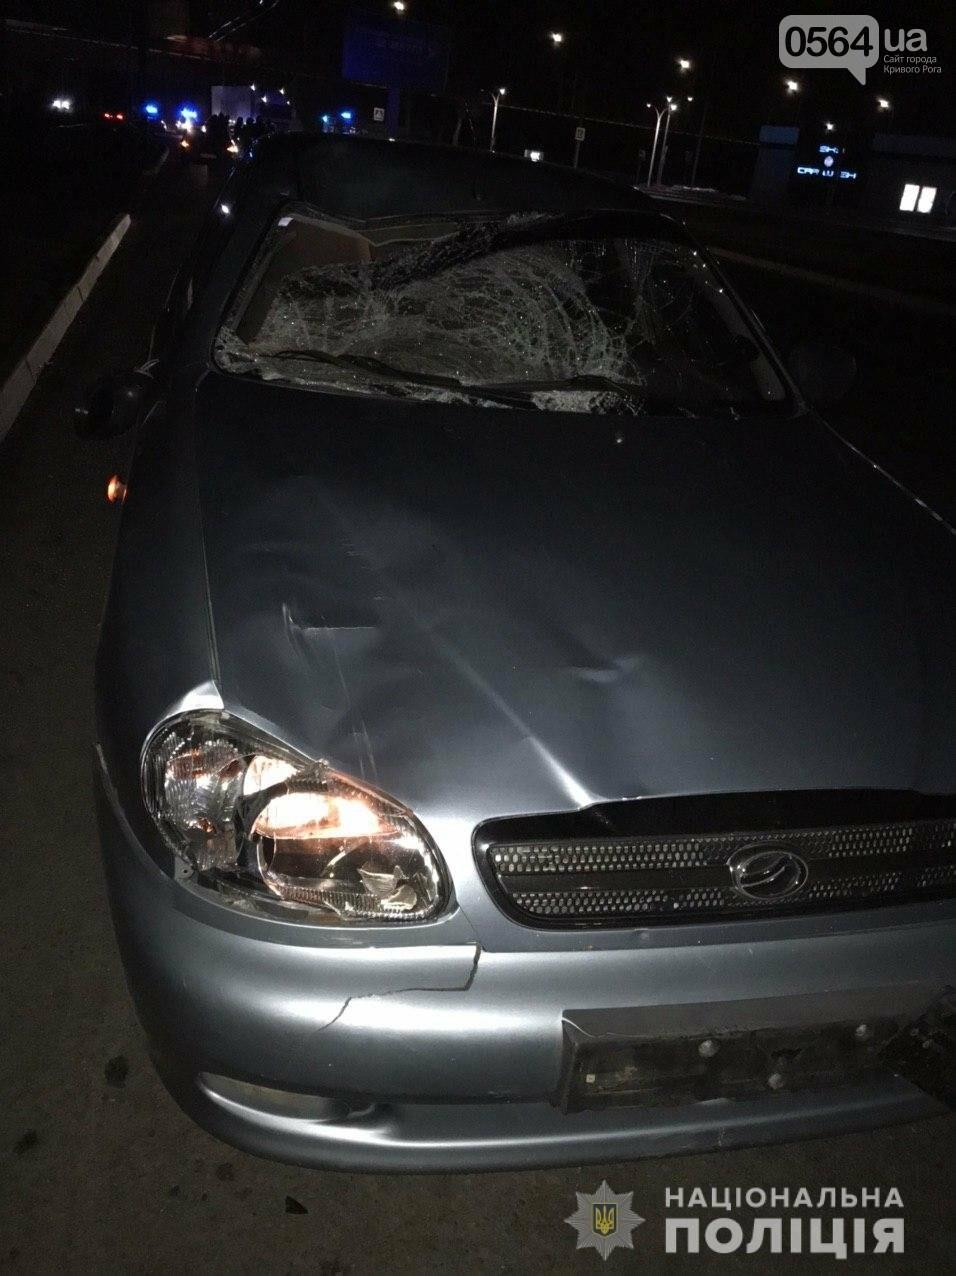 Полиция задержала водителя, который насмерть сбил двоих мужчин на пешеходном переходе , фото-1